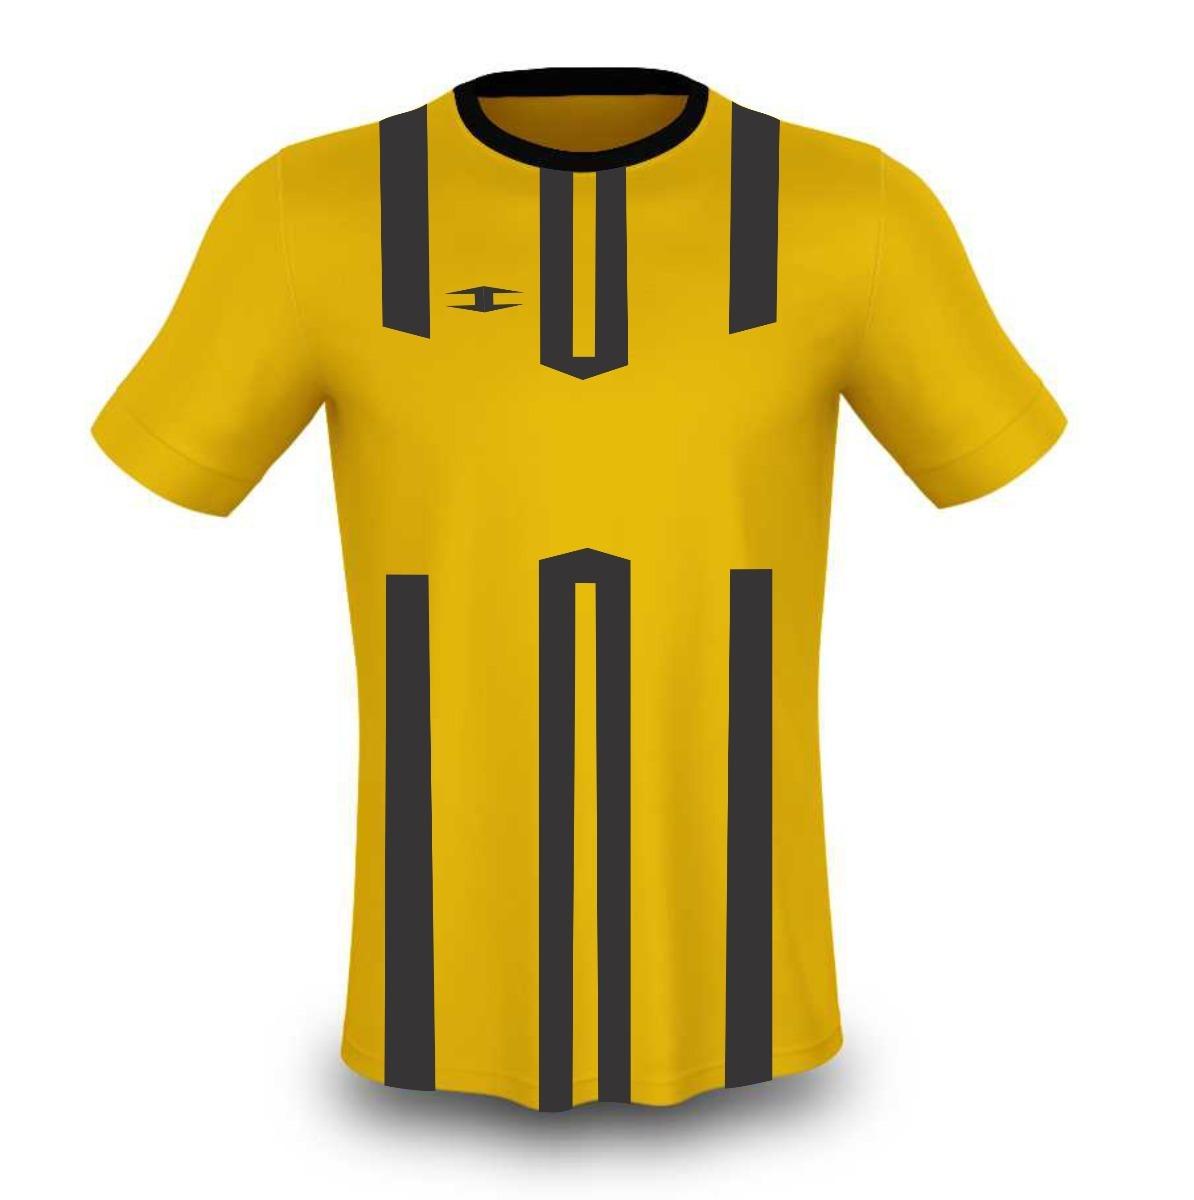 bcc987cc14cf2 pack camiseta futbol x 16 komba euro c numeros. Cargando zoom.